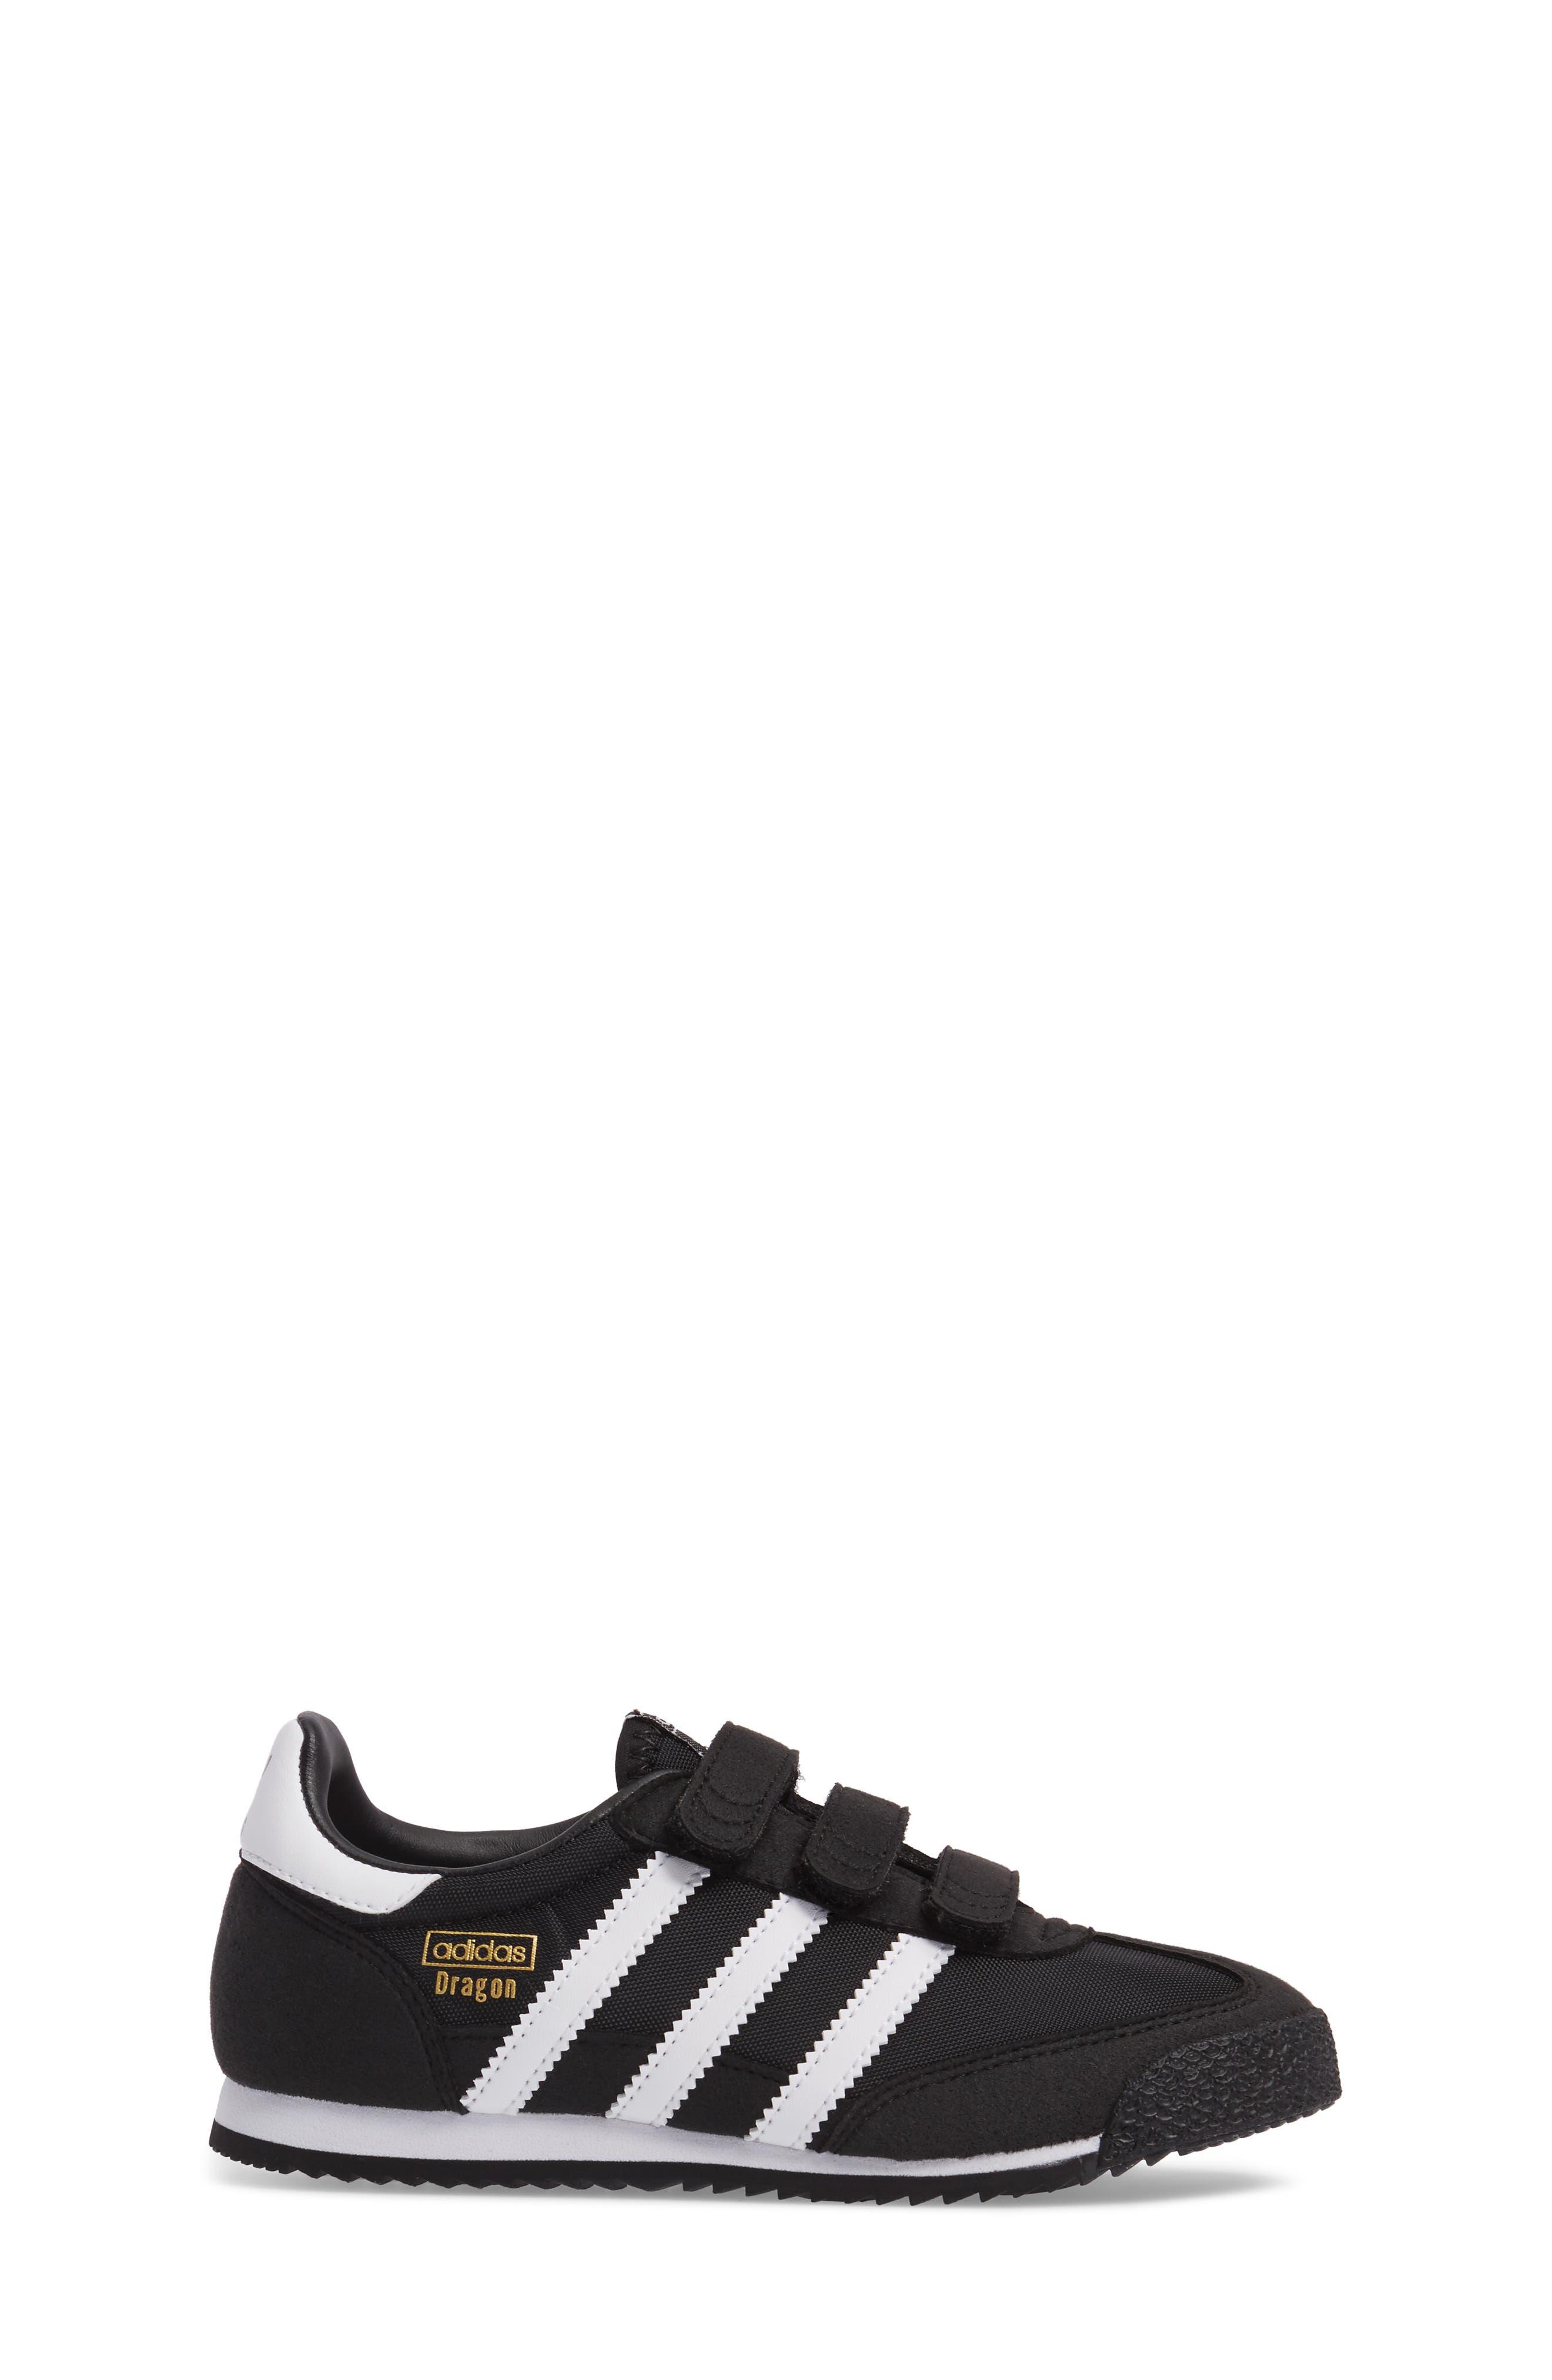 Dragon OG CF Athletic Shoe,                             Alternate thumbnail 3, color,                             Black/ White